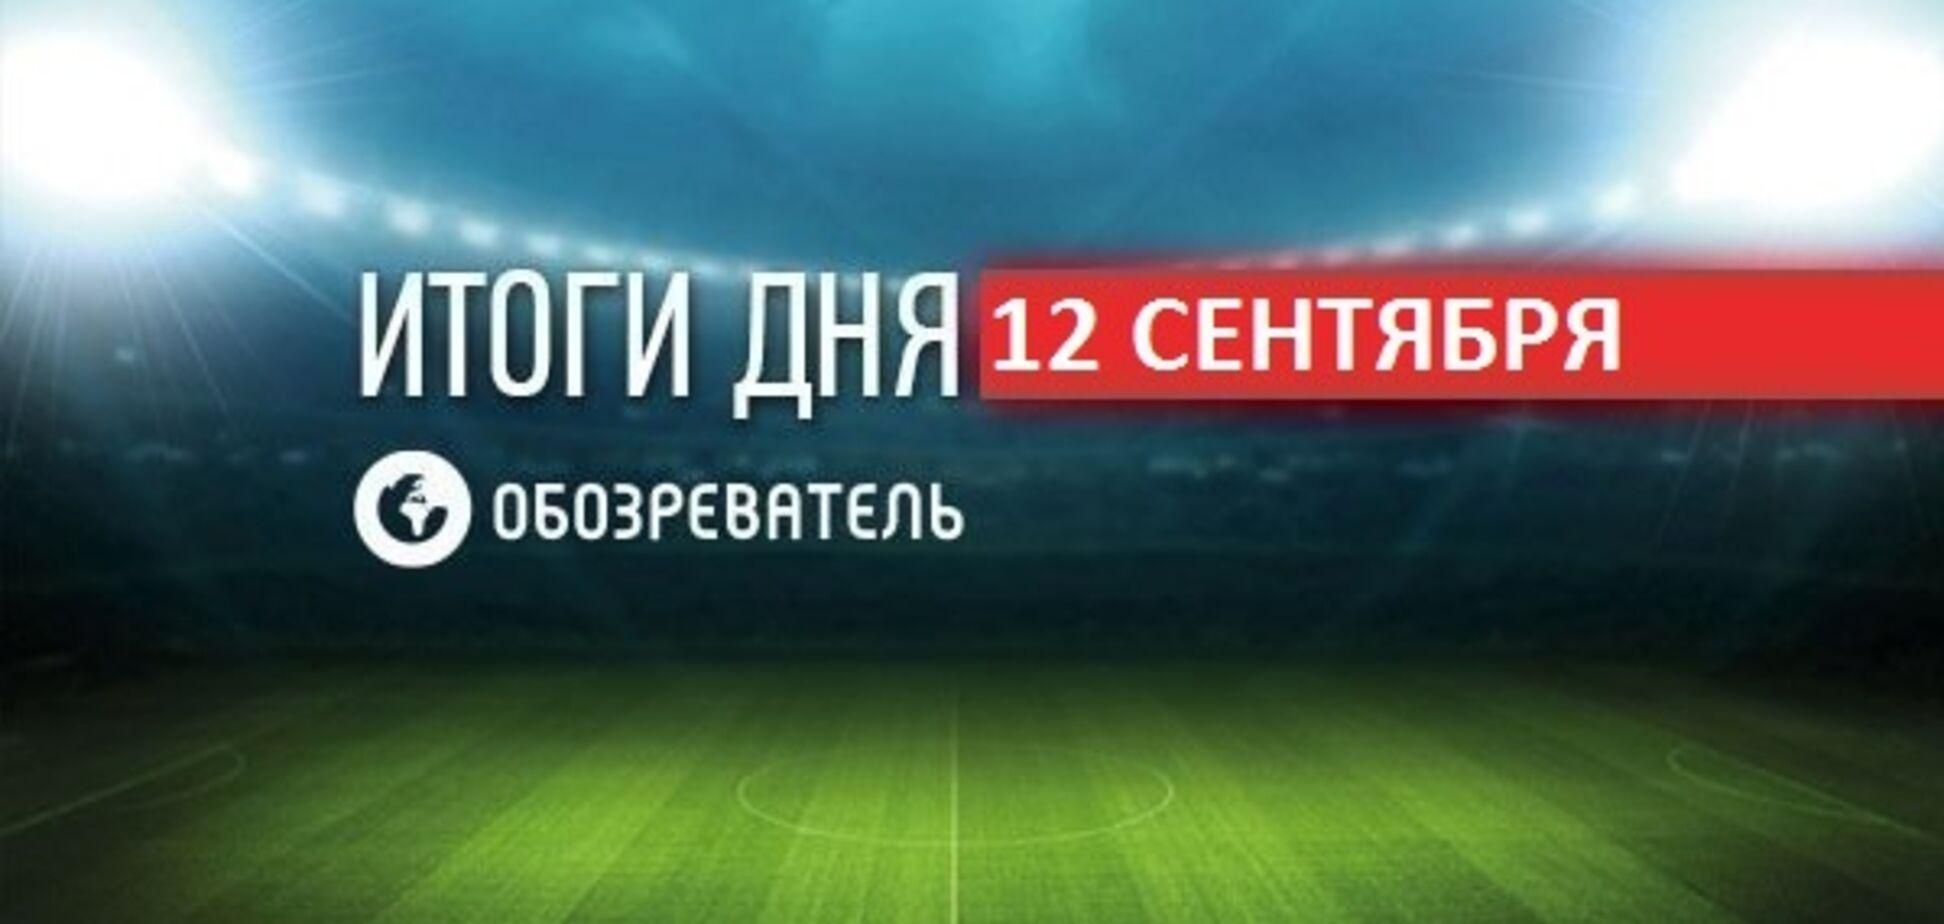 Бунт в 'Динамо' получил продолжение: спортивные итоги 12 сентября